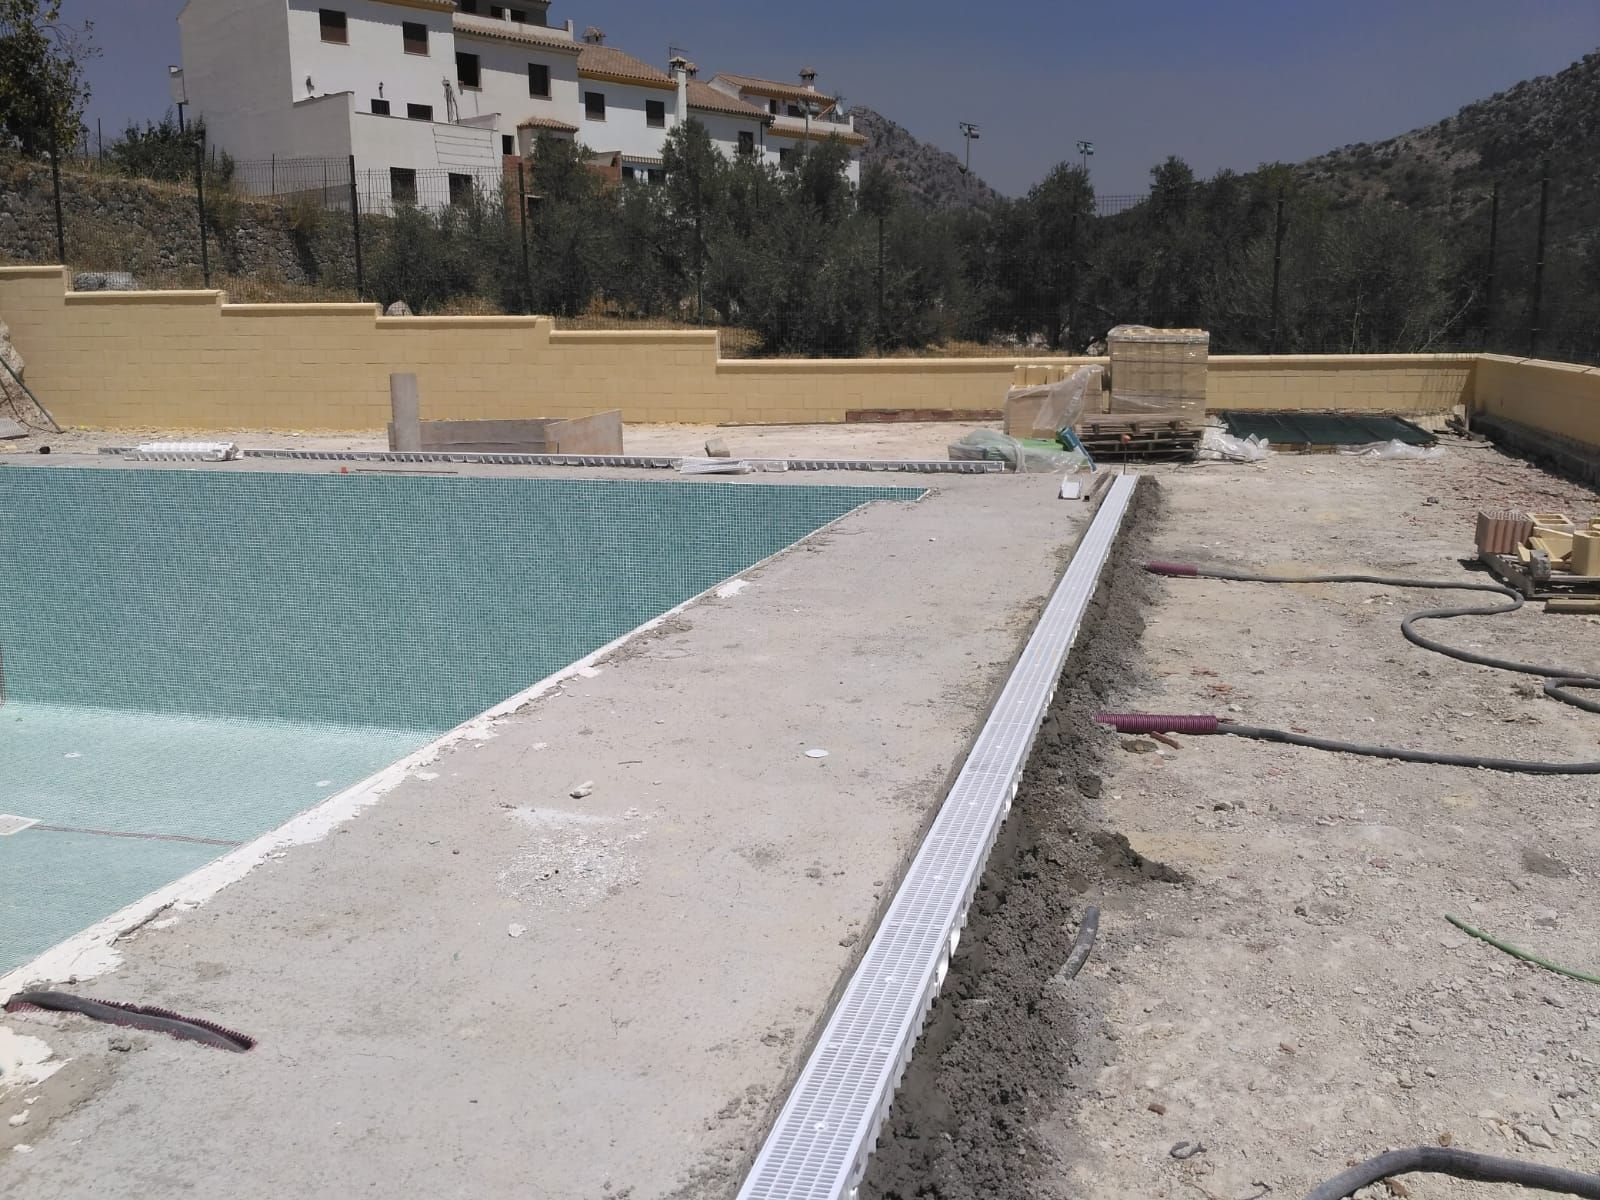 Foto 15 de Empresas de construcción en Ronda | ASG Construcciones Innovadoras Sostenibles